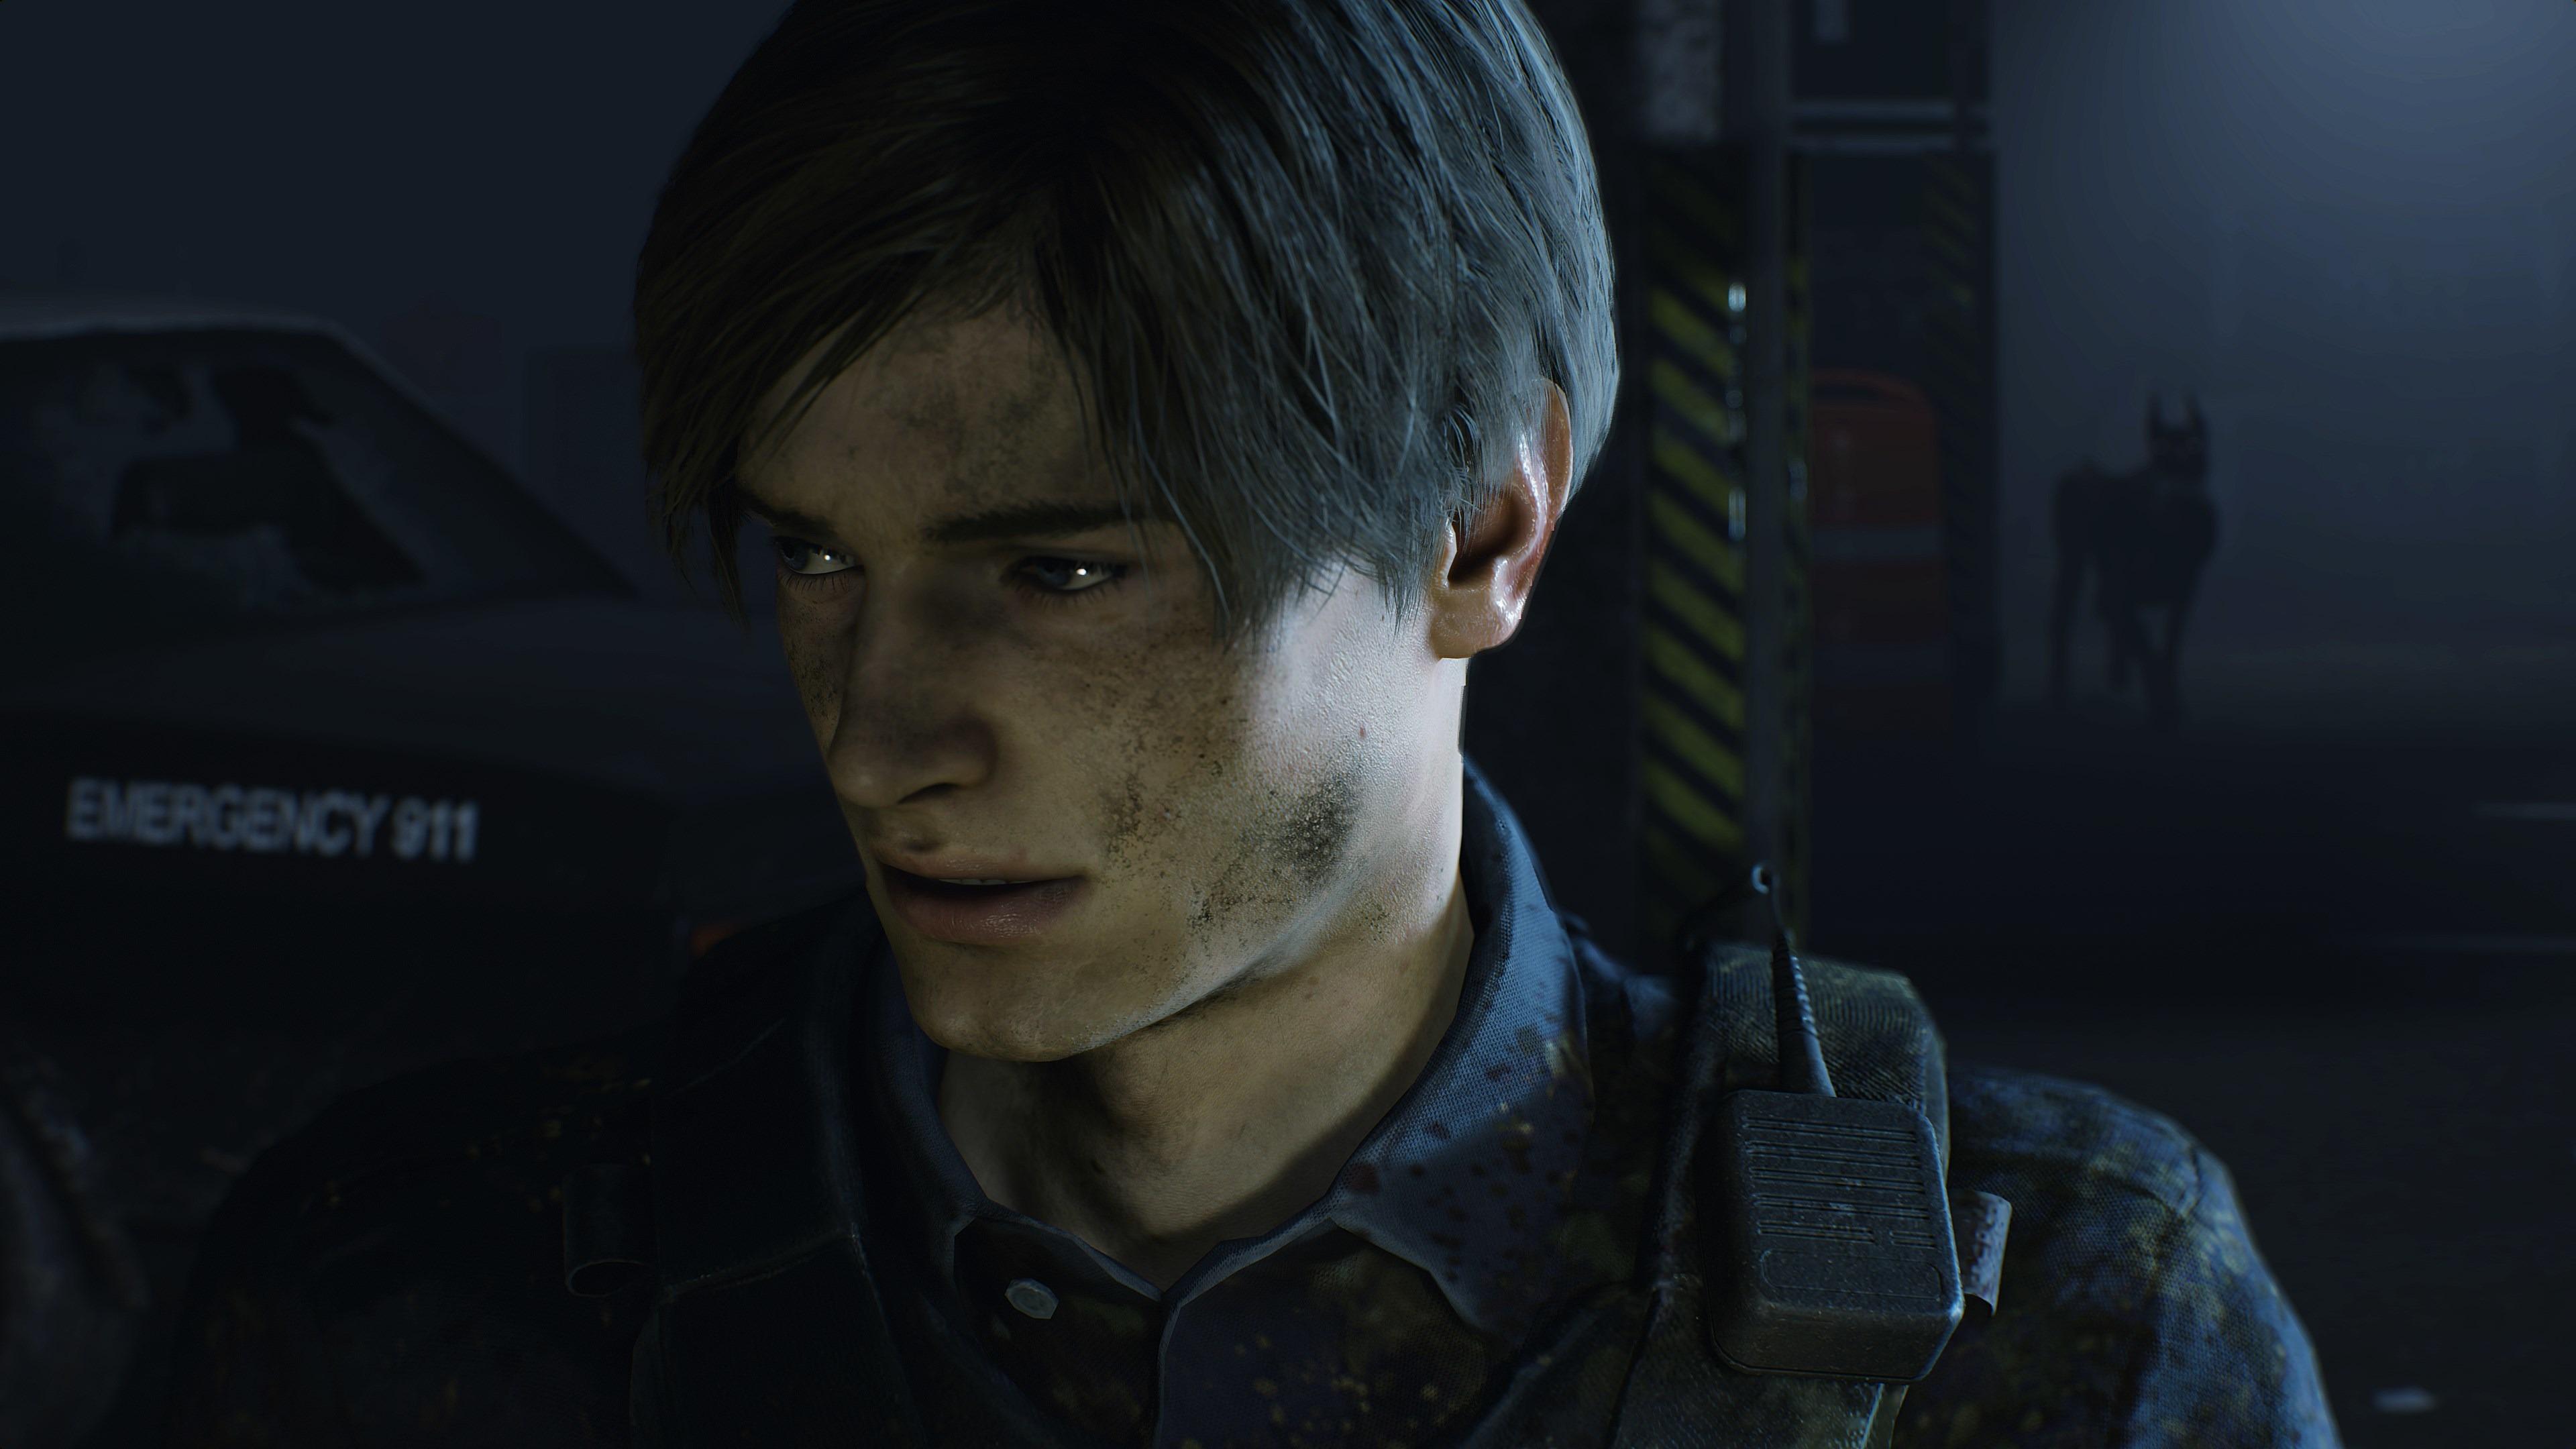 Leon Kennedy Resident Evil 2 2019 4k, HD Games, 4k